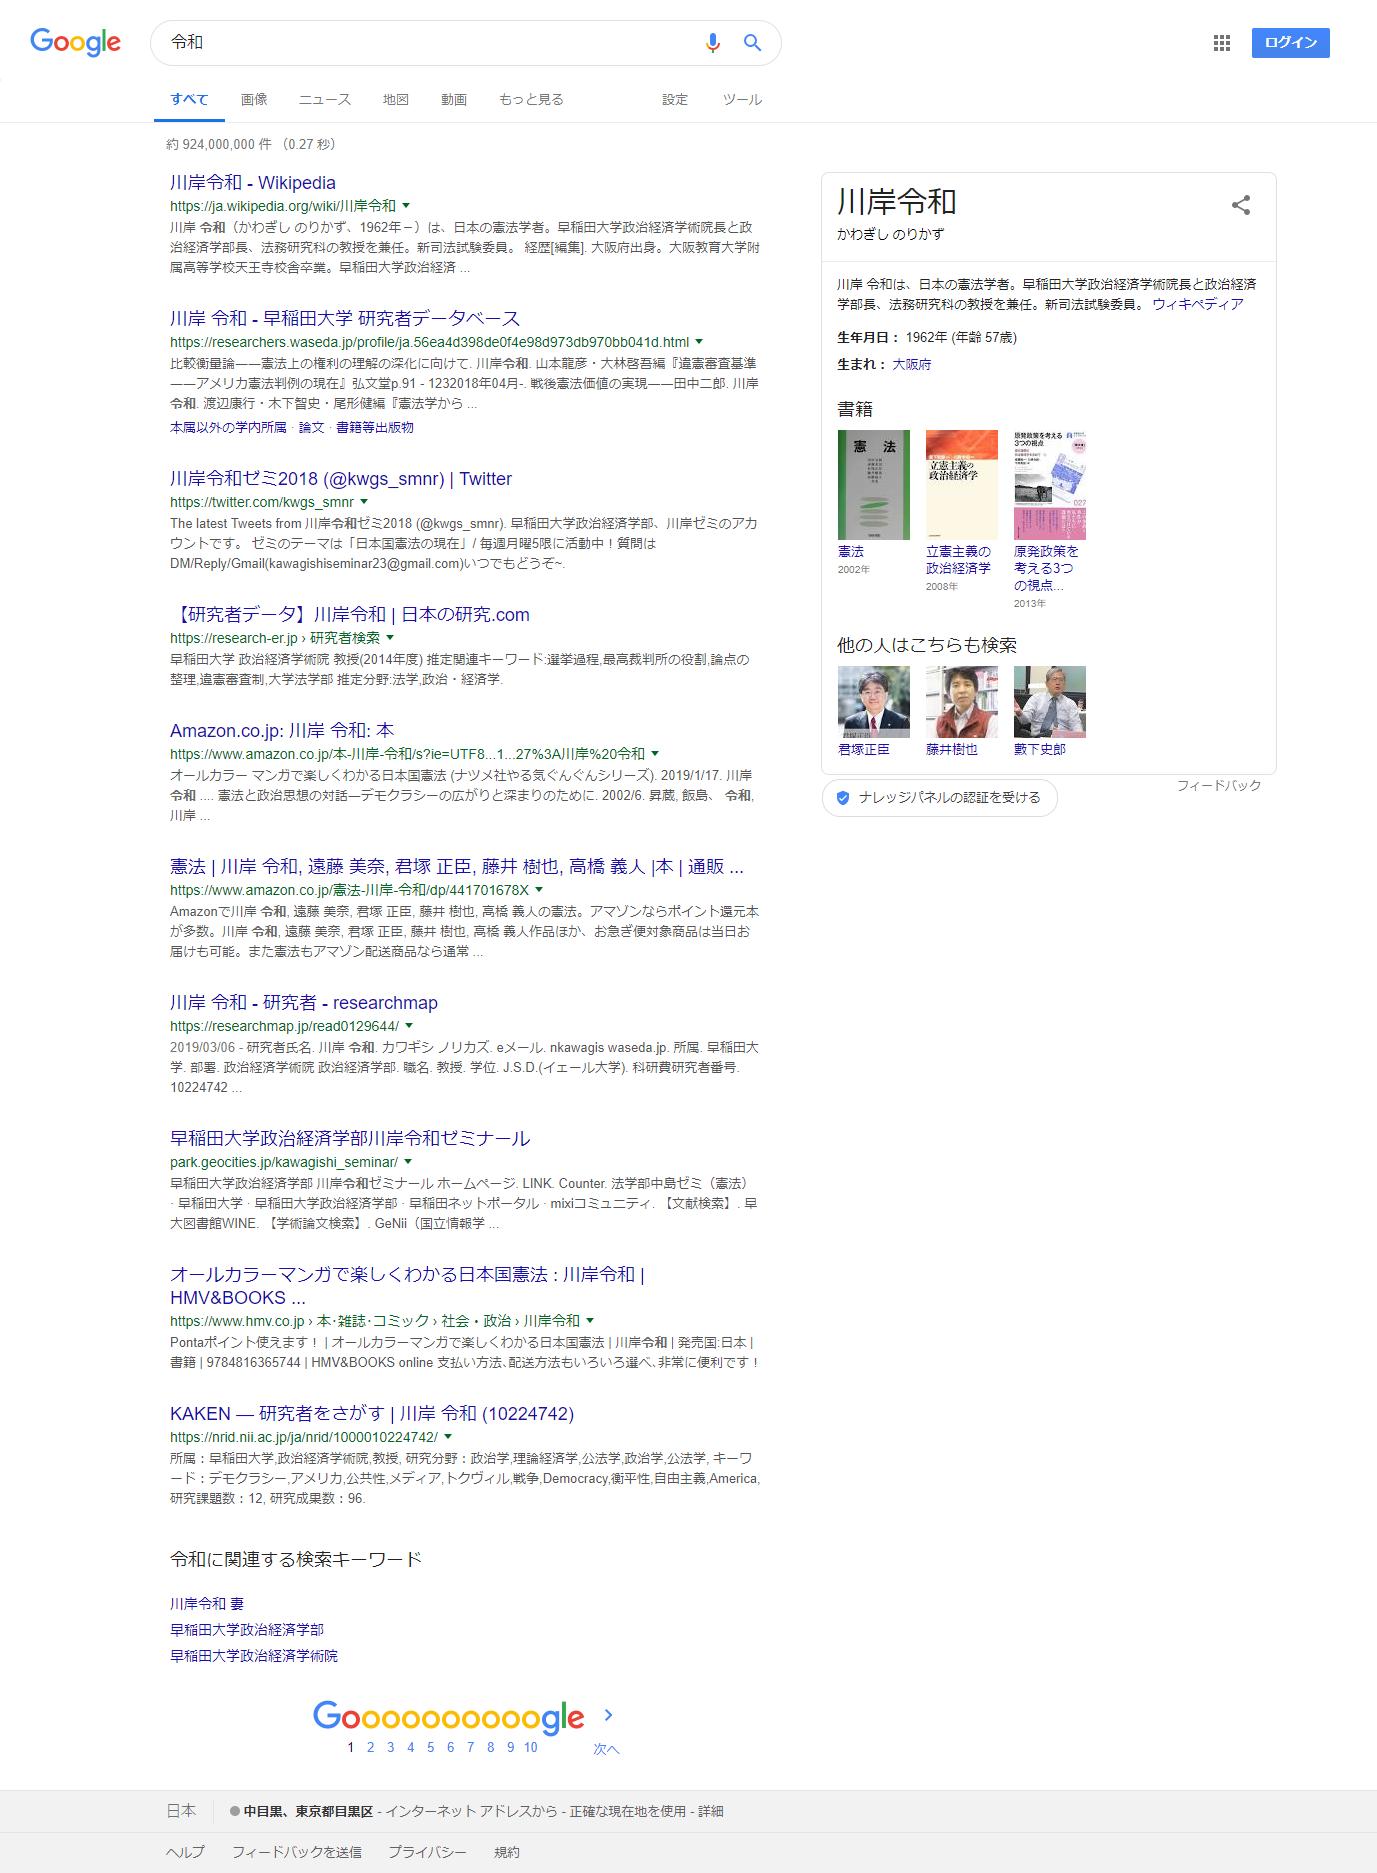 【Google】「令和」11時41分(1ページ目)